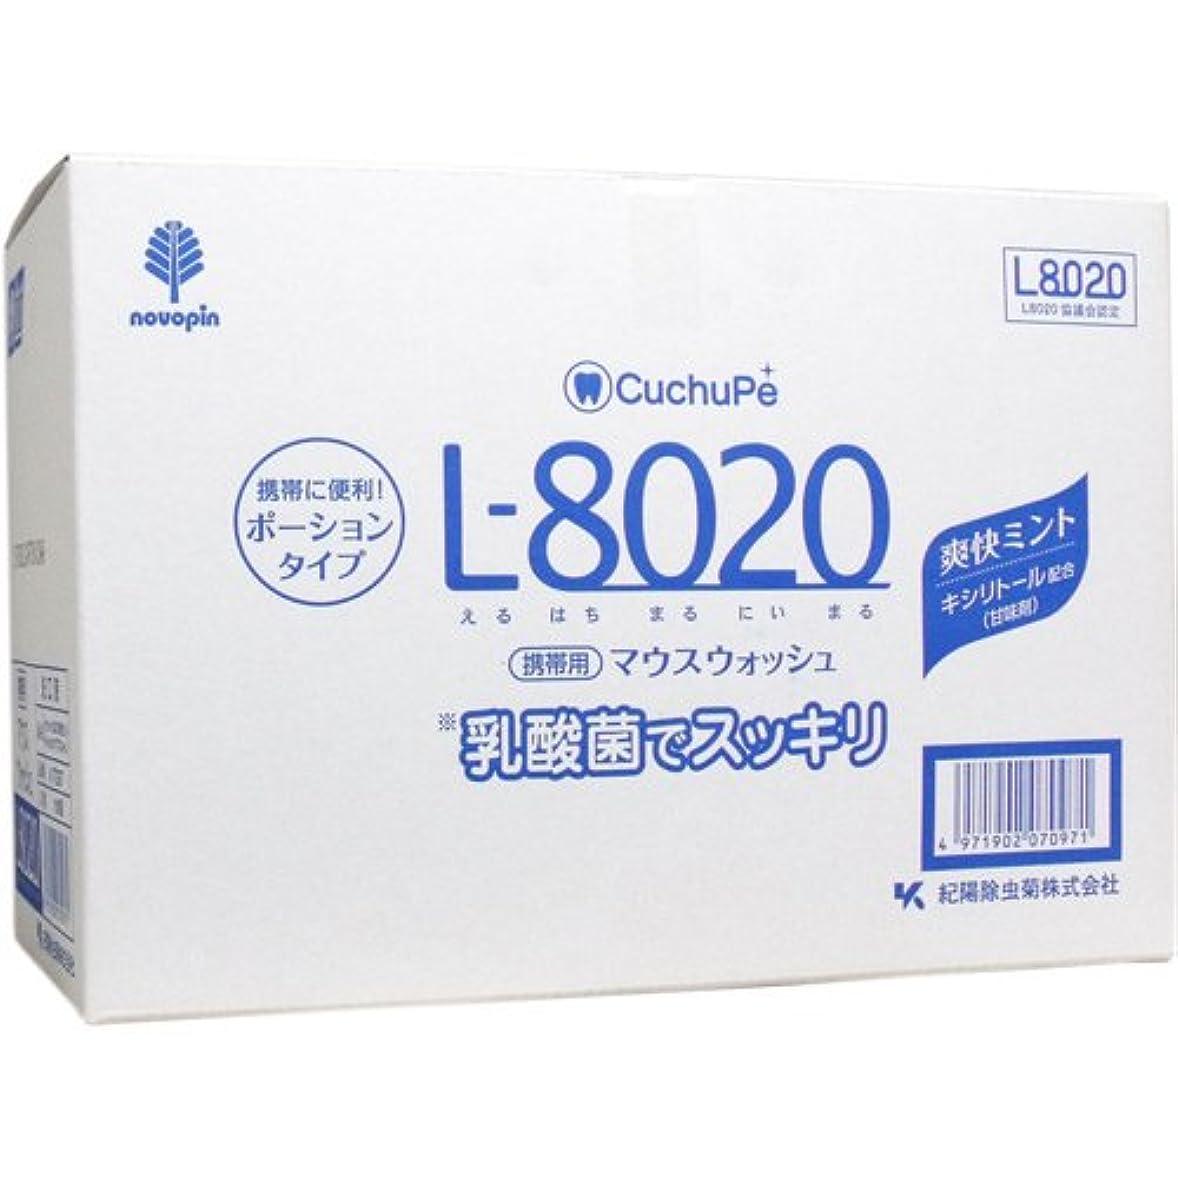 の間に治す航空便クチュッペ L-8020 マウスウォッシュ 爽快ミント ポーションタイプ 100個入